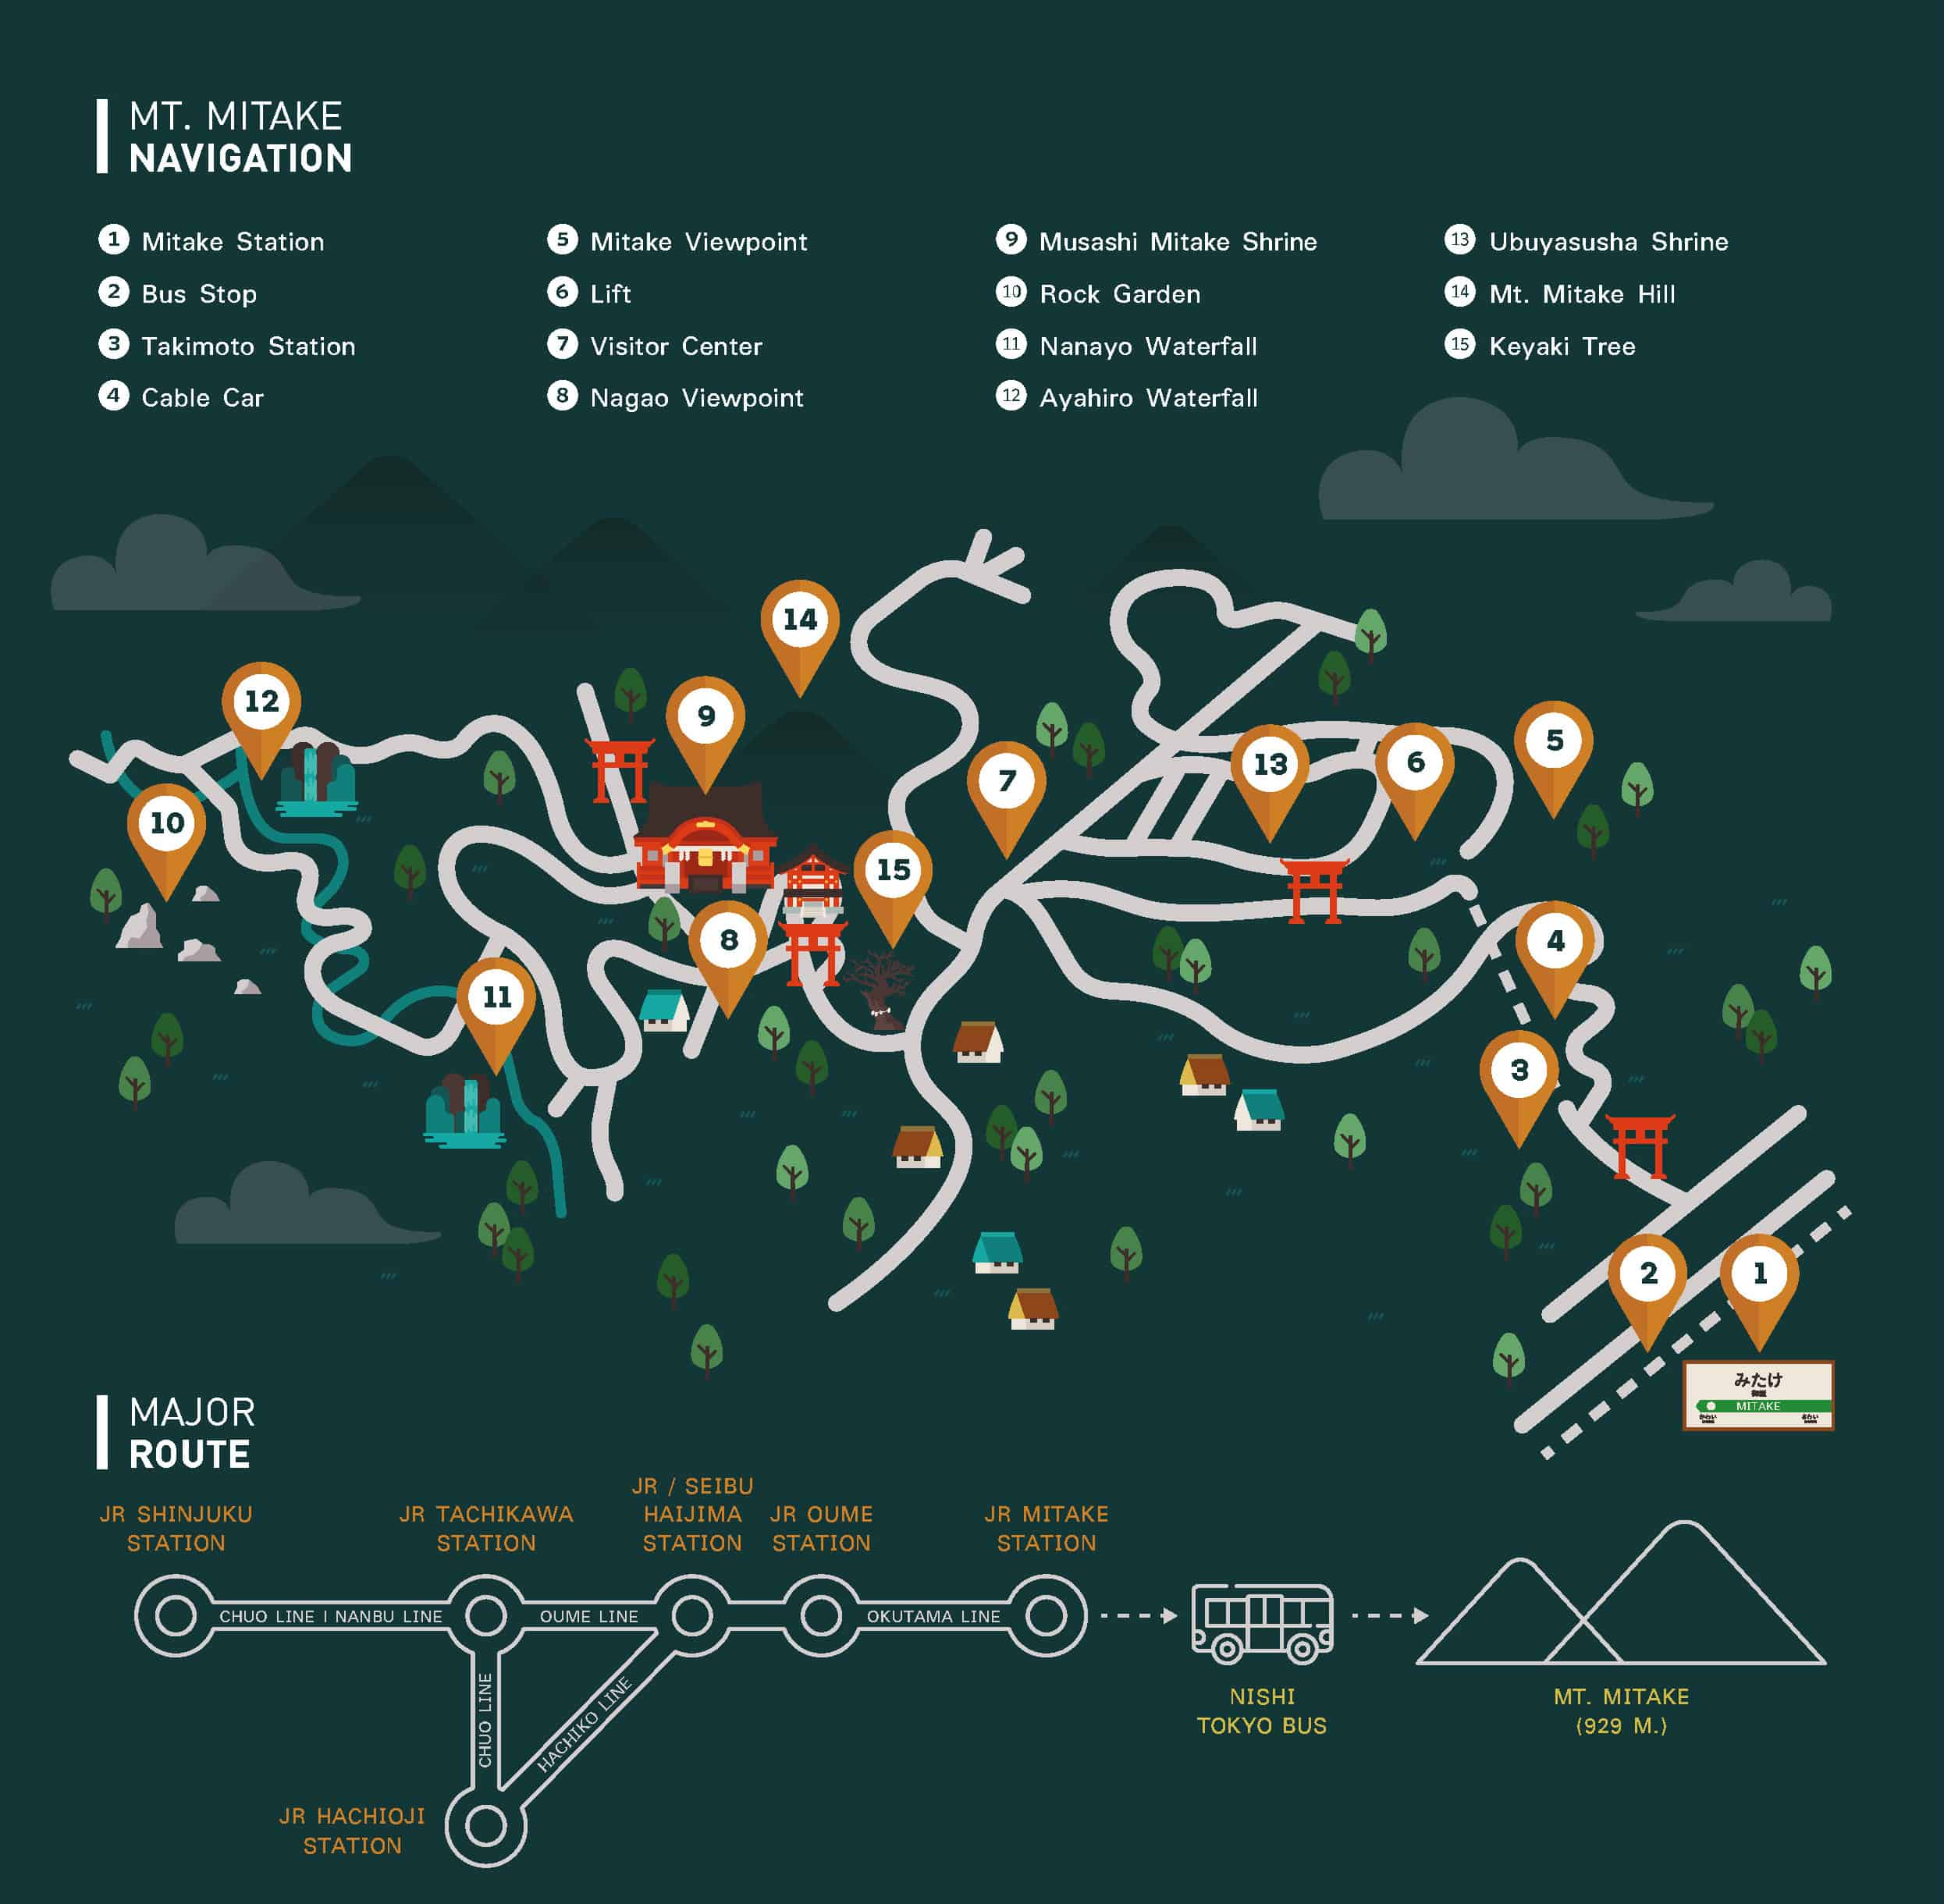 แผนที่การเดินทางในภูเขามิตาเกะ (MT.Mitake)